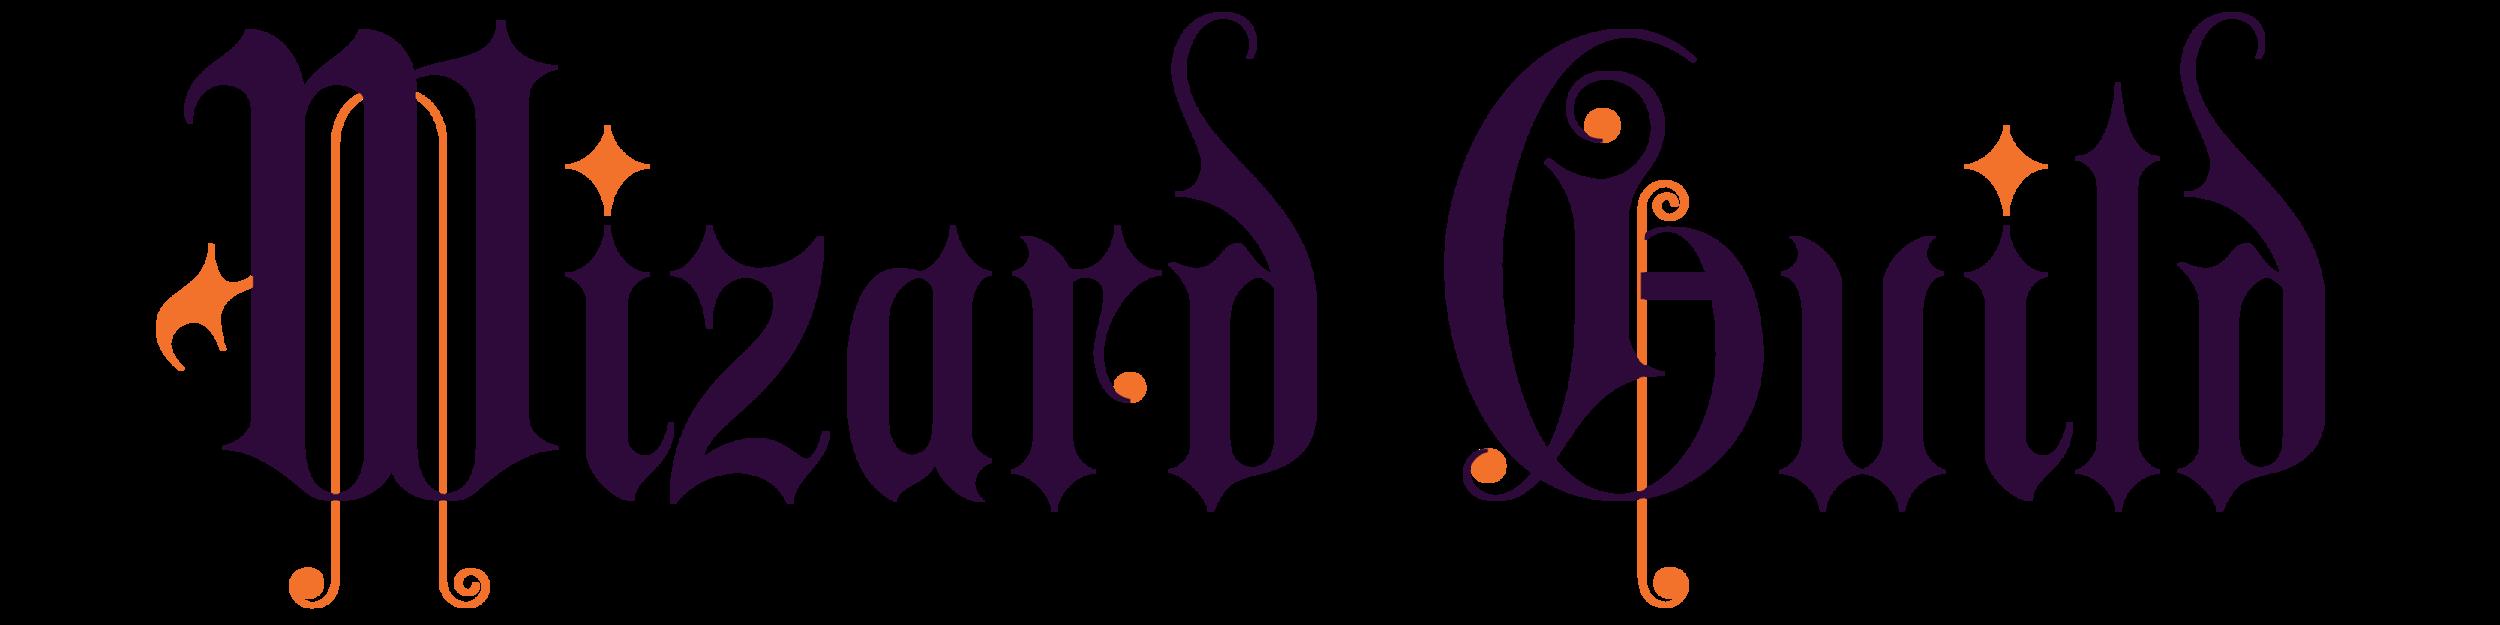 Wizard Guild wordmarque.png